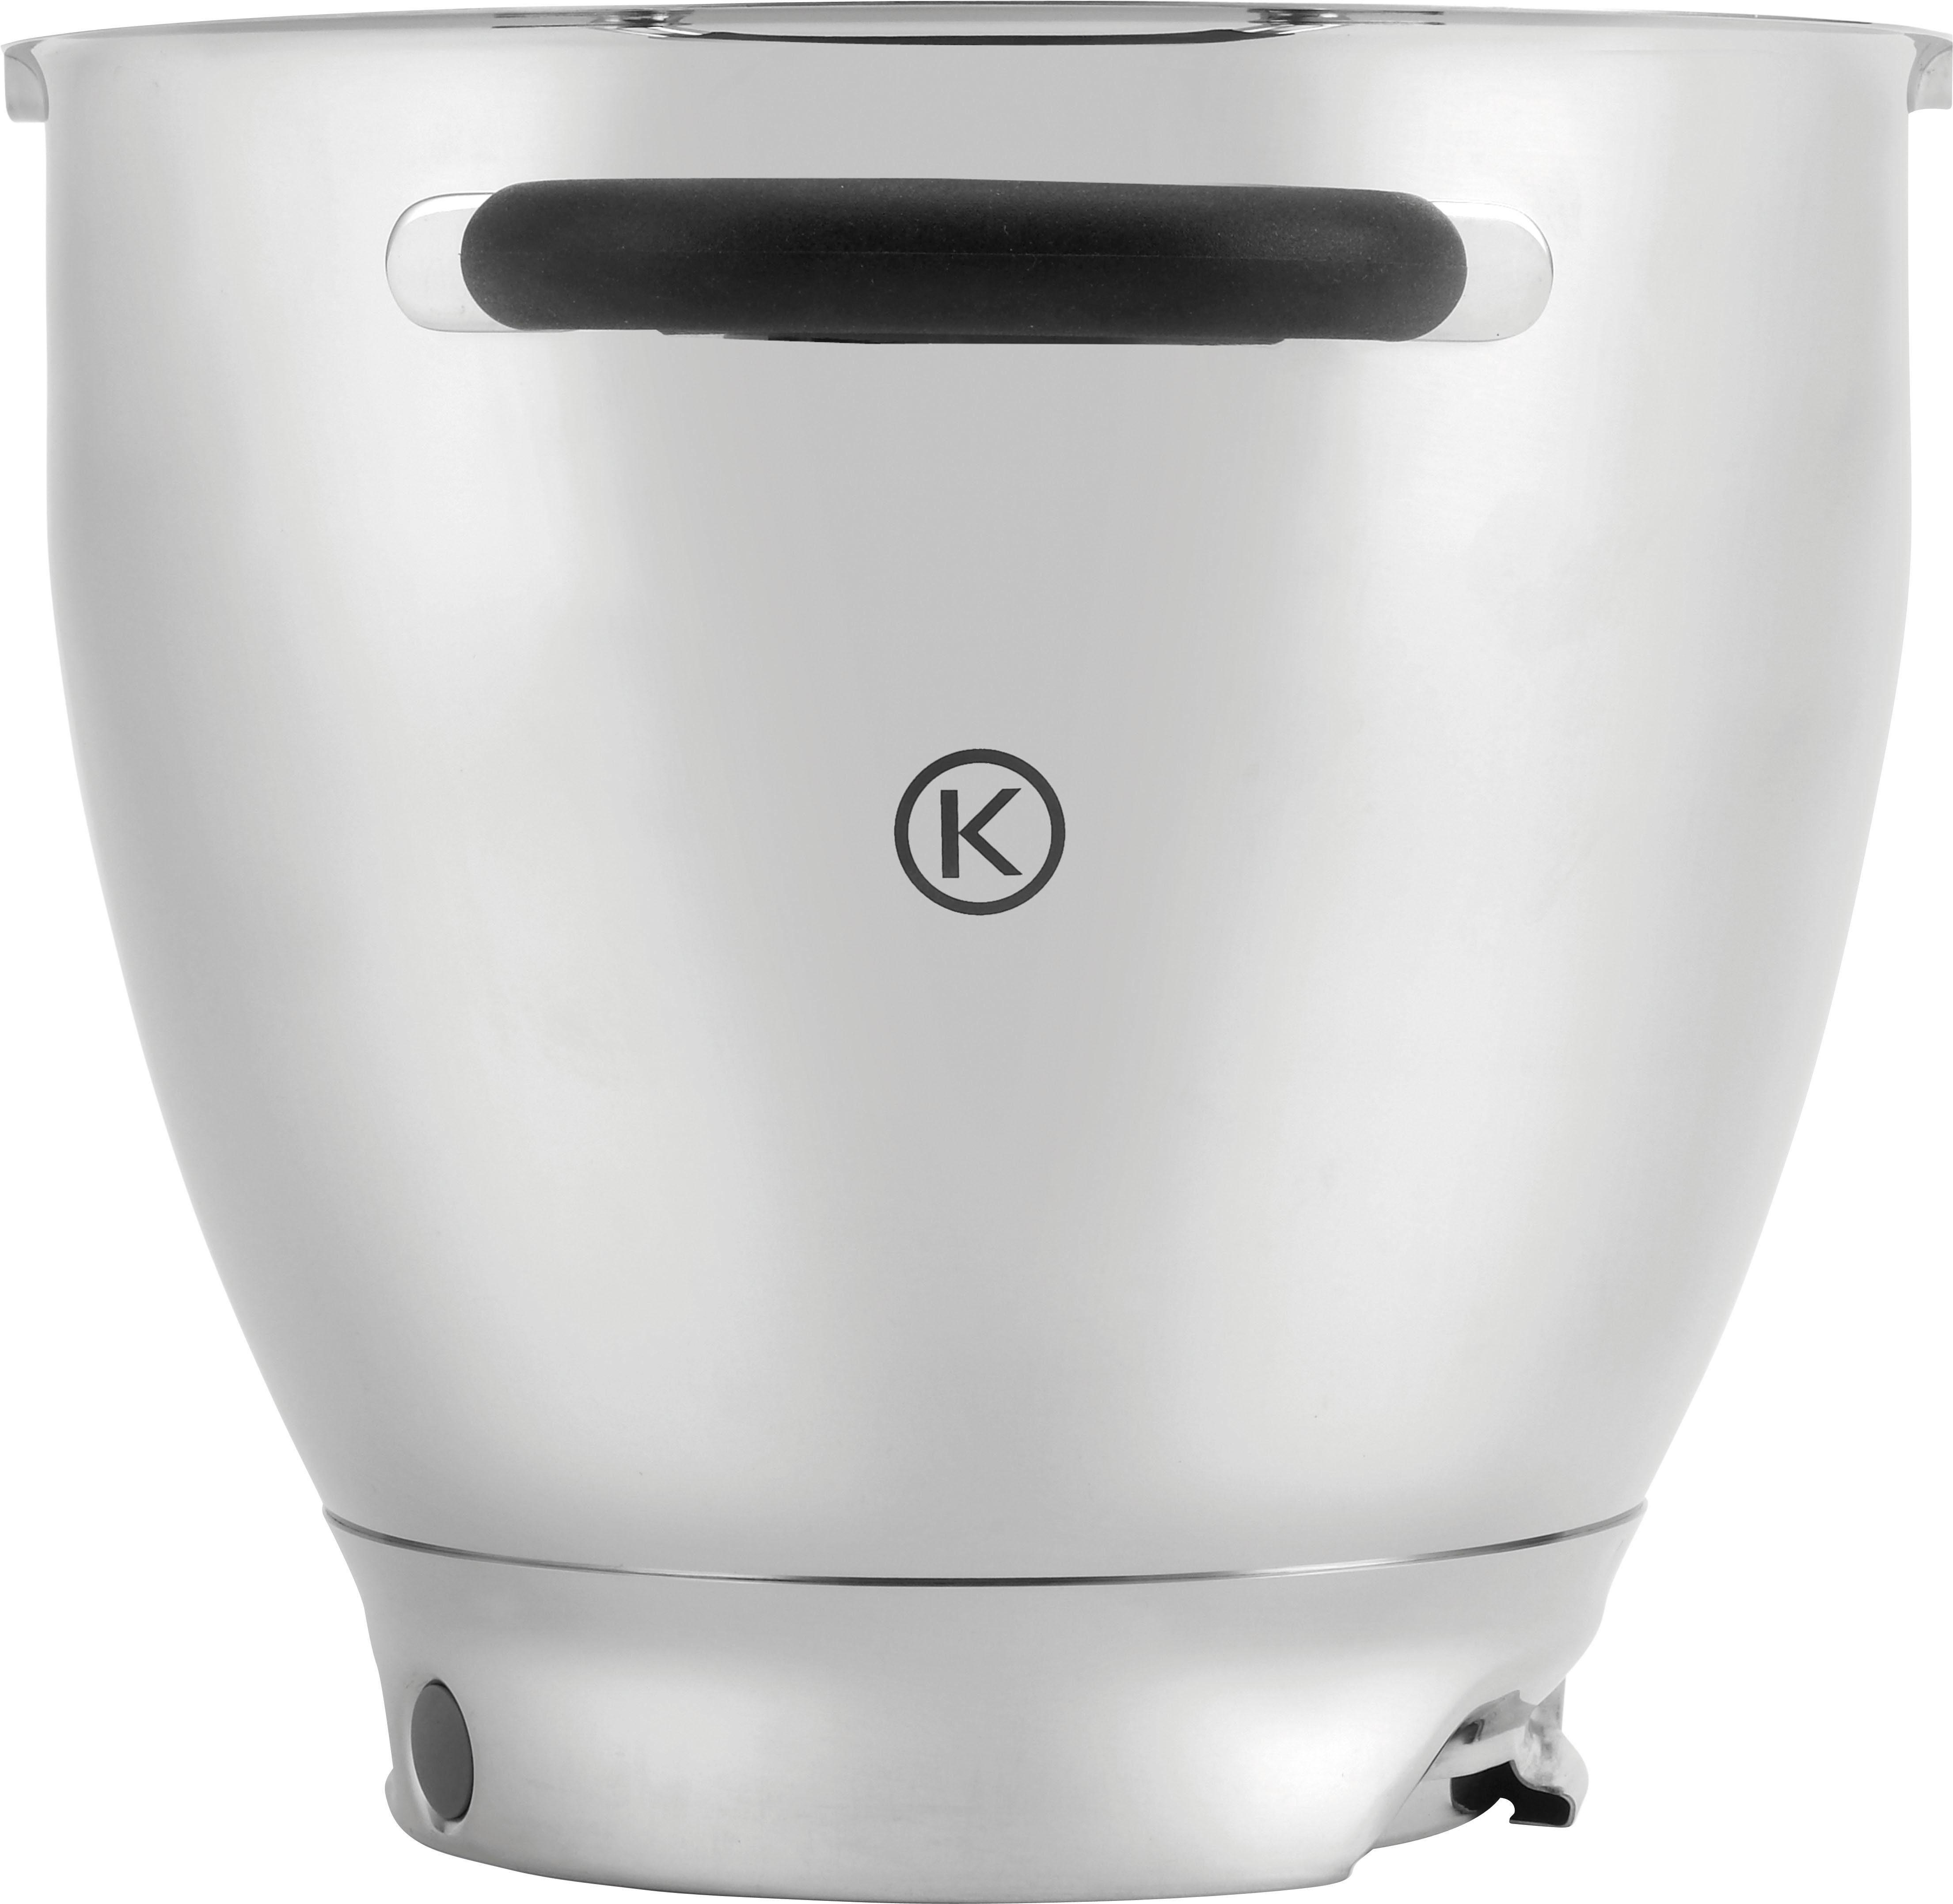 KENWOOD Edelstahl-Schüssel Cooking Chef Gourmet KAT911SS für Kenwood Küchenmaschinen